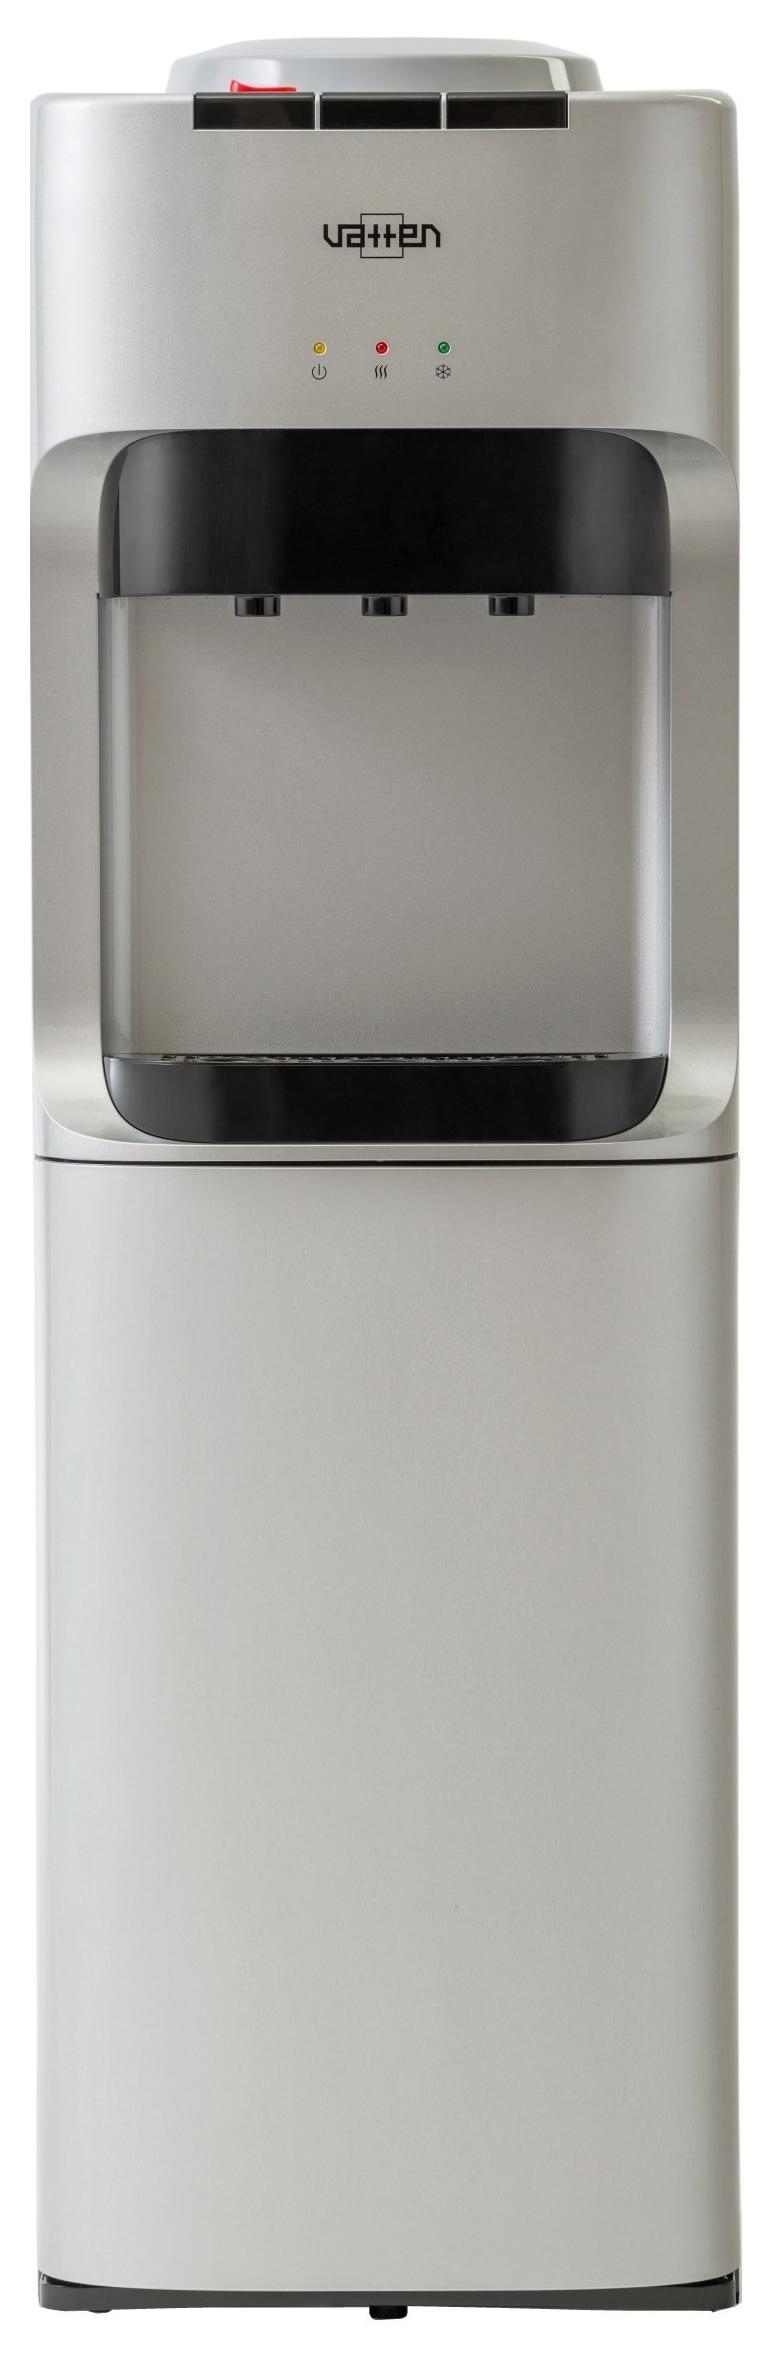 Кулер для воды Vatten V45WE White